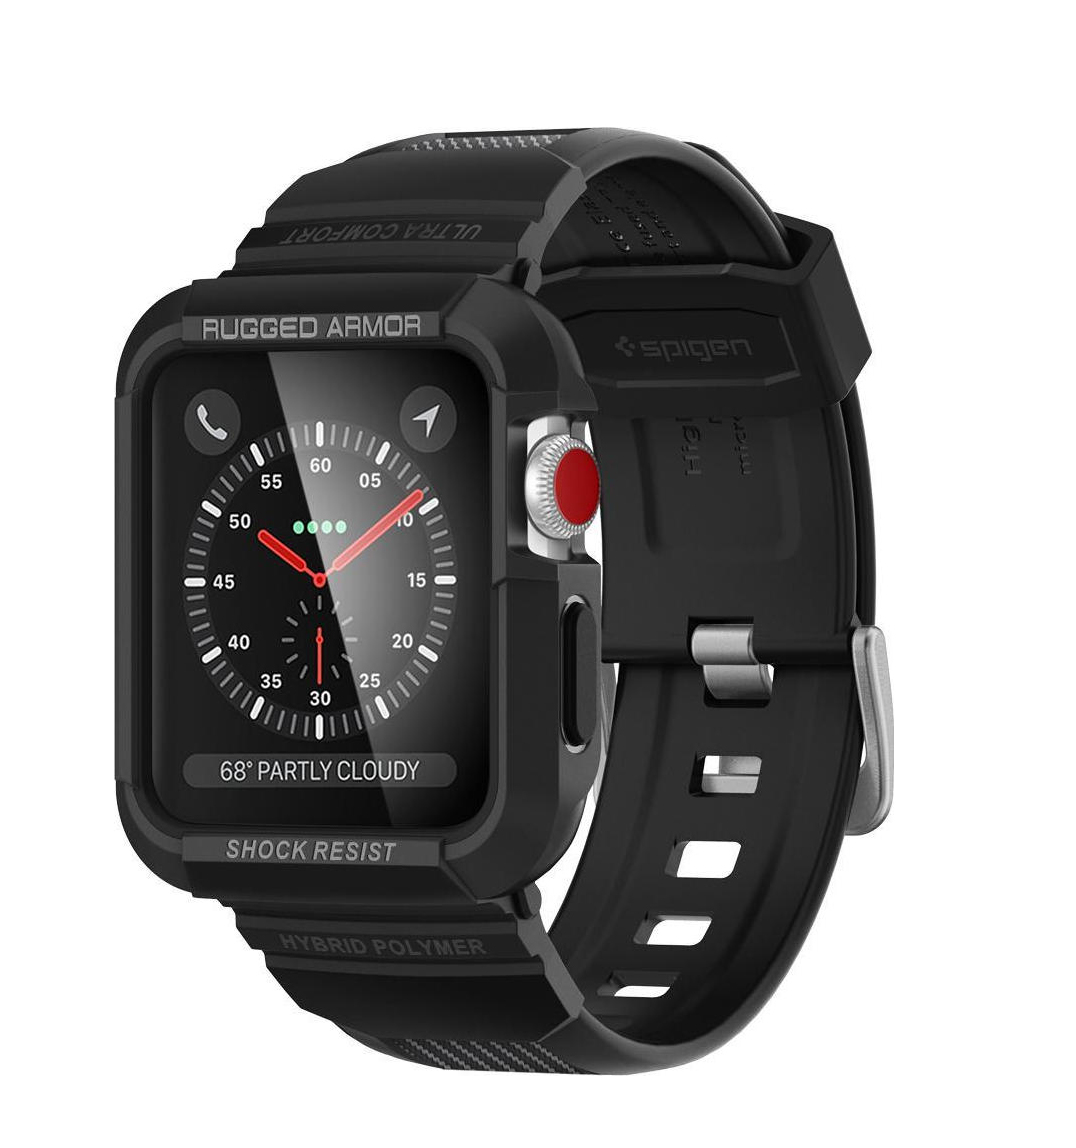 Θήκη Spigen Tough Armor Pro για Apple Watch Series 3/2/1 (42mm) Black 059CS22408